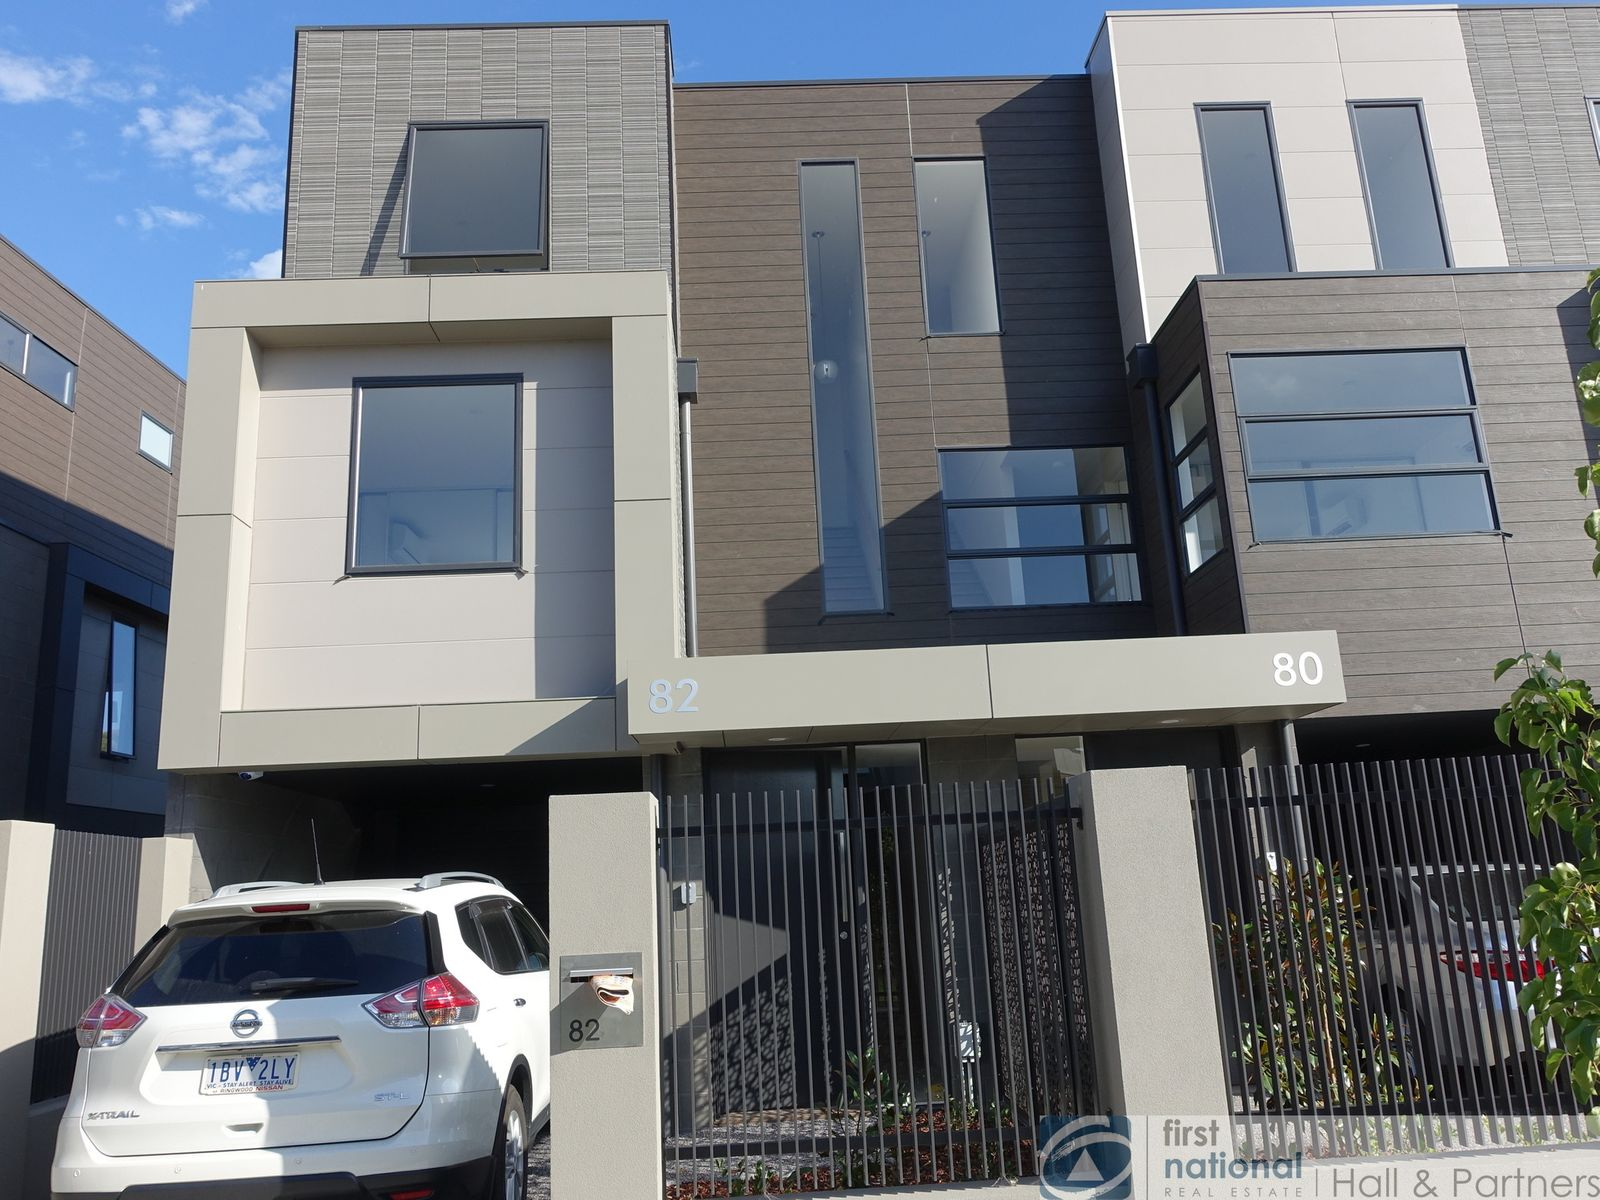 82 Nickson Street, Bundoora, VIC 3083